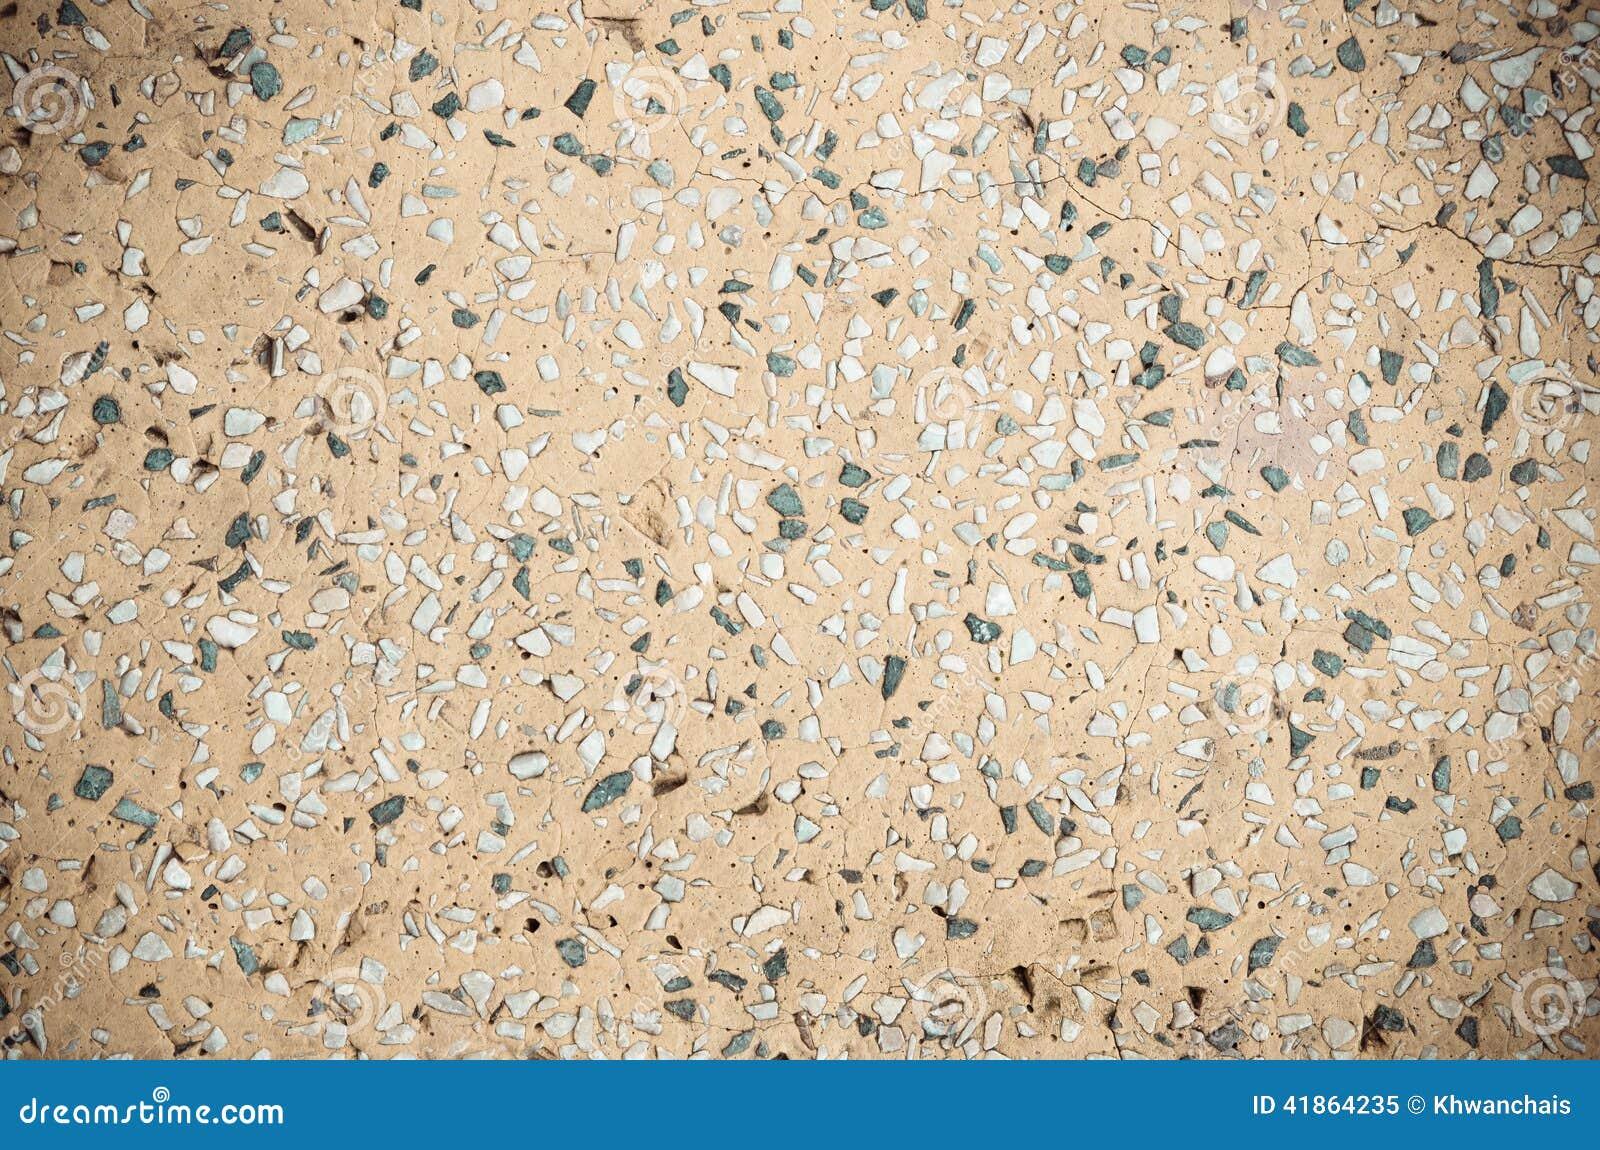 terrazzo floor background stock - photo #27